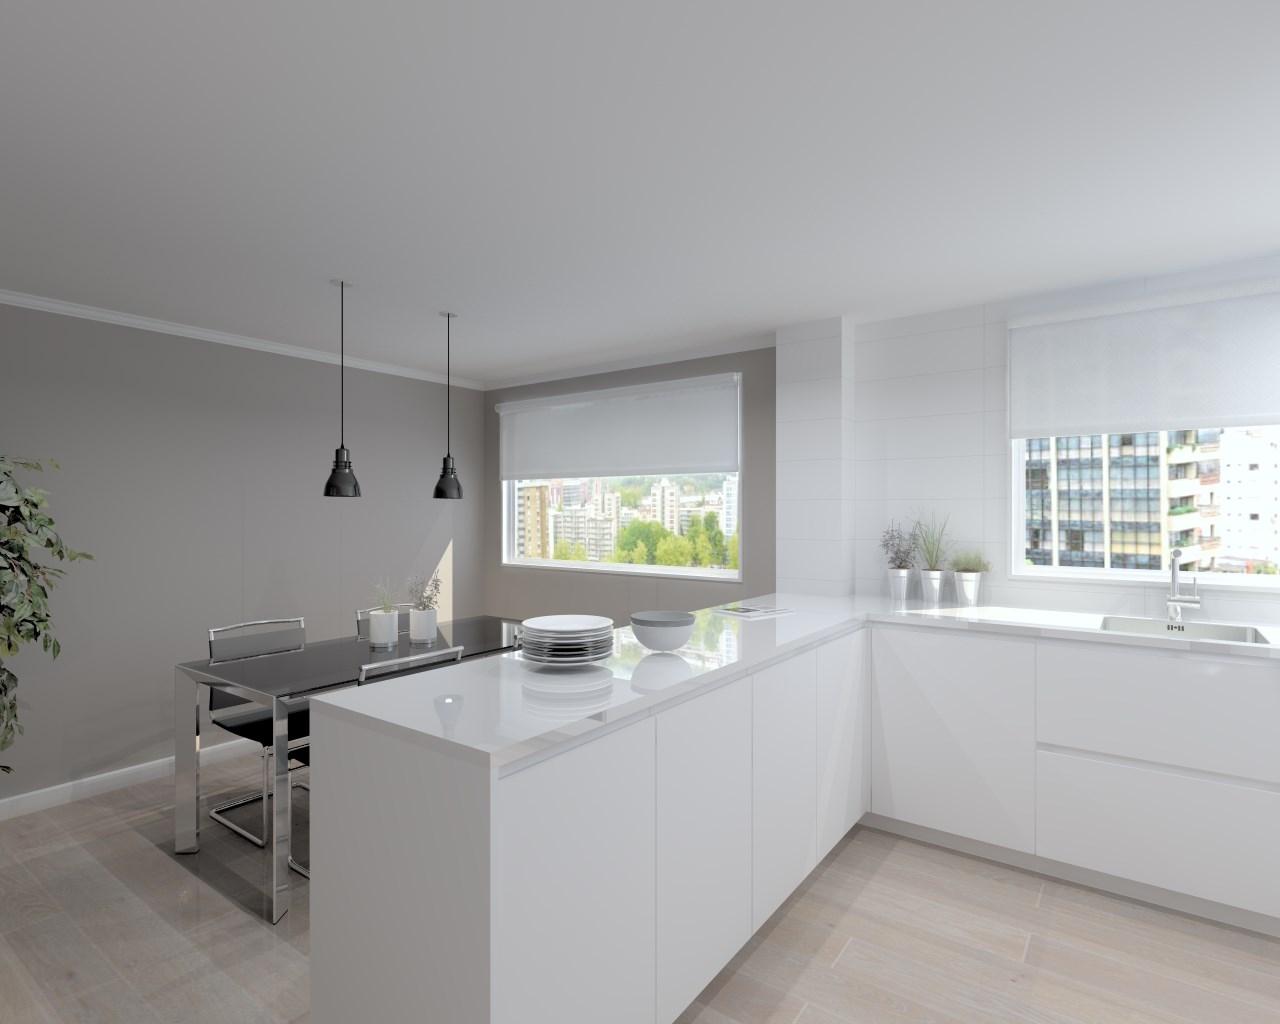 Cocina santos modelo line laminado blanco encimera for Encimera auxiliar cocina